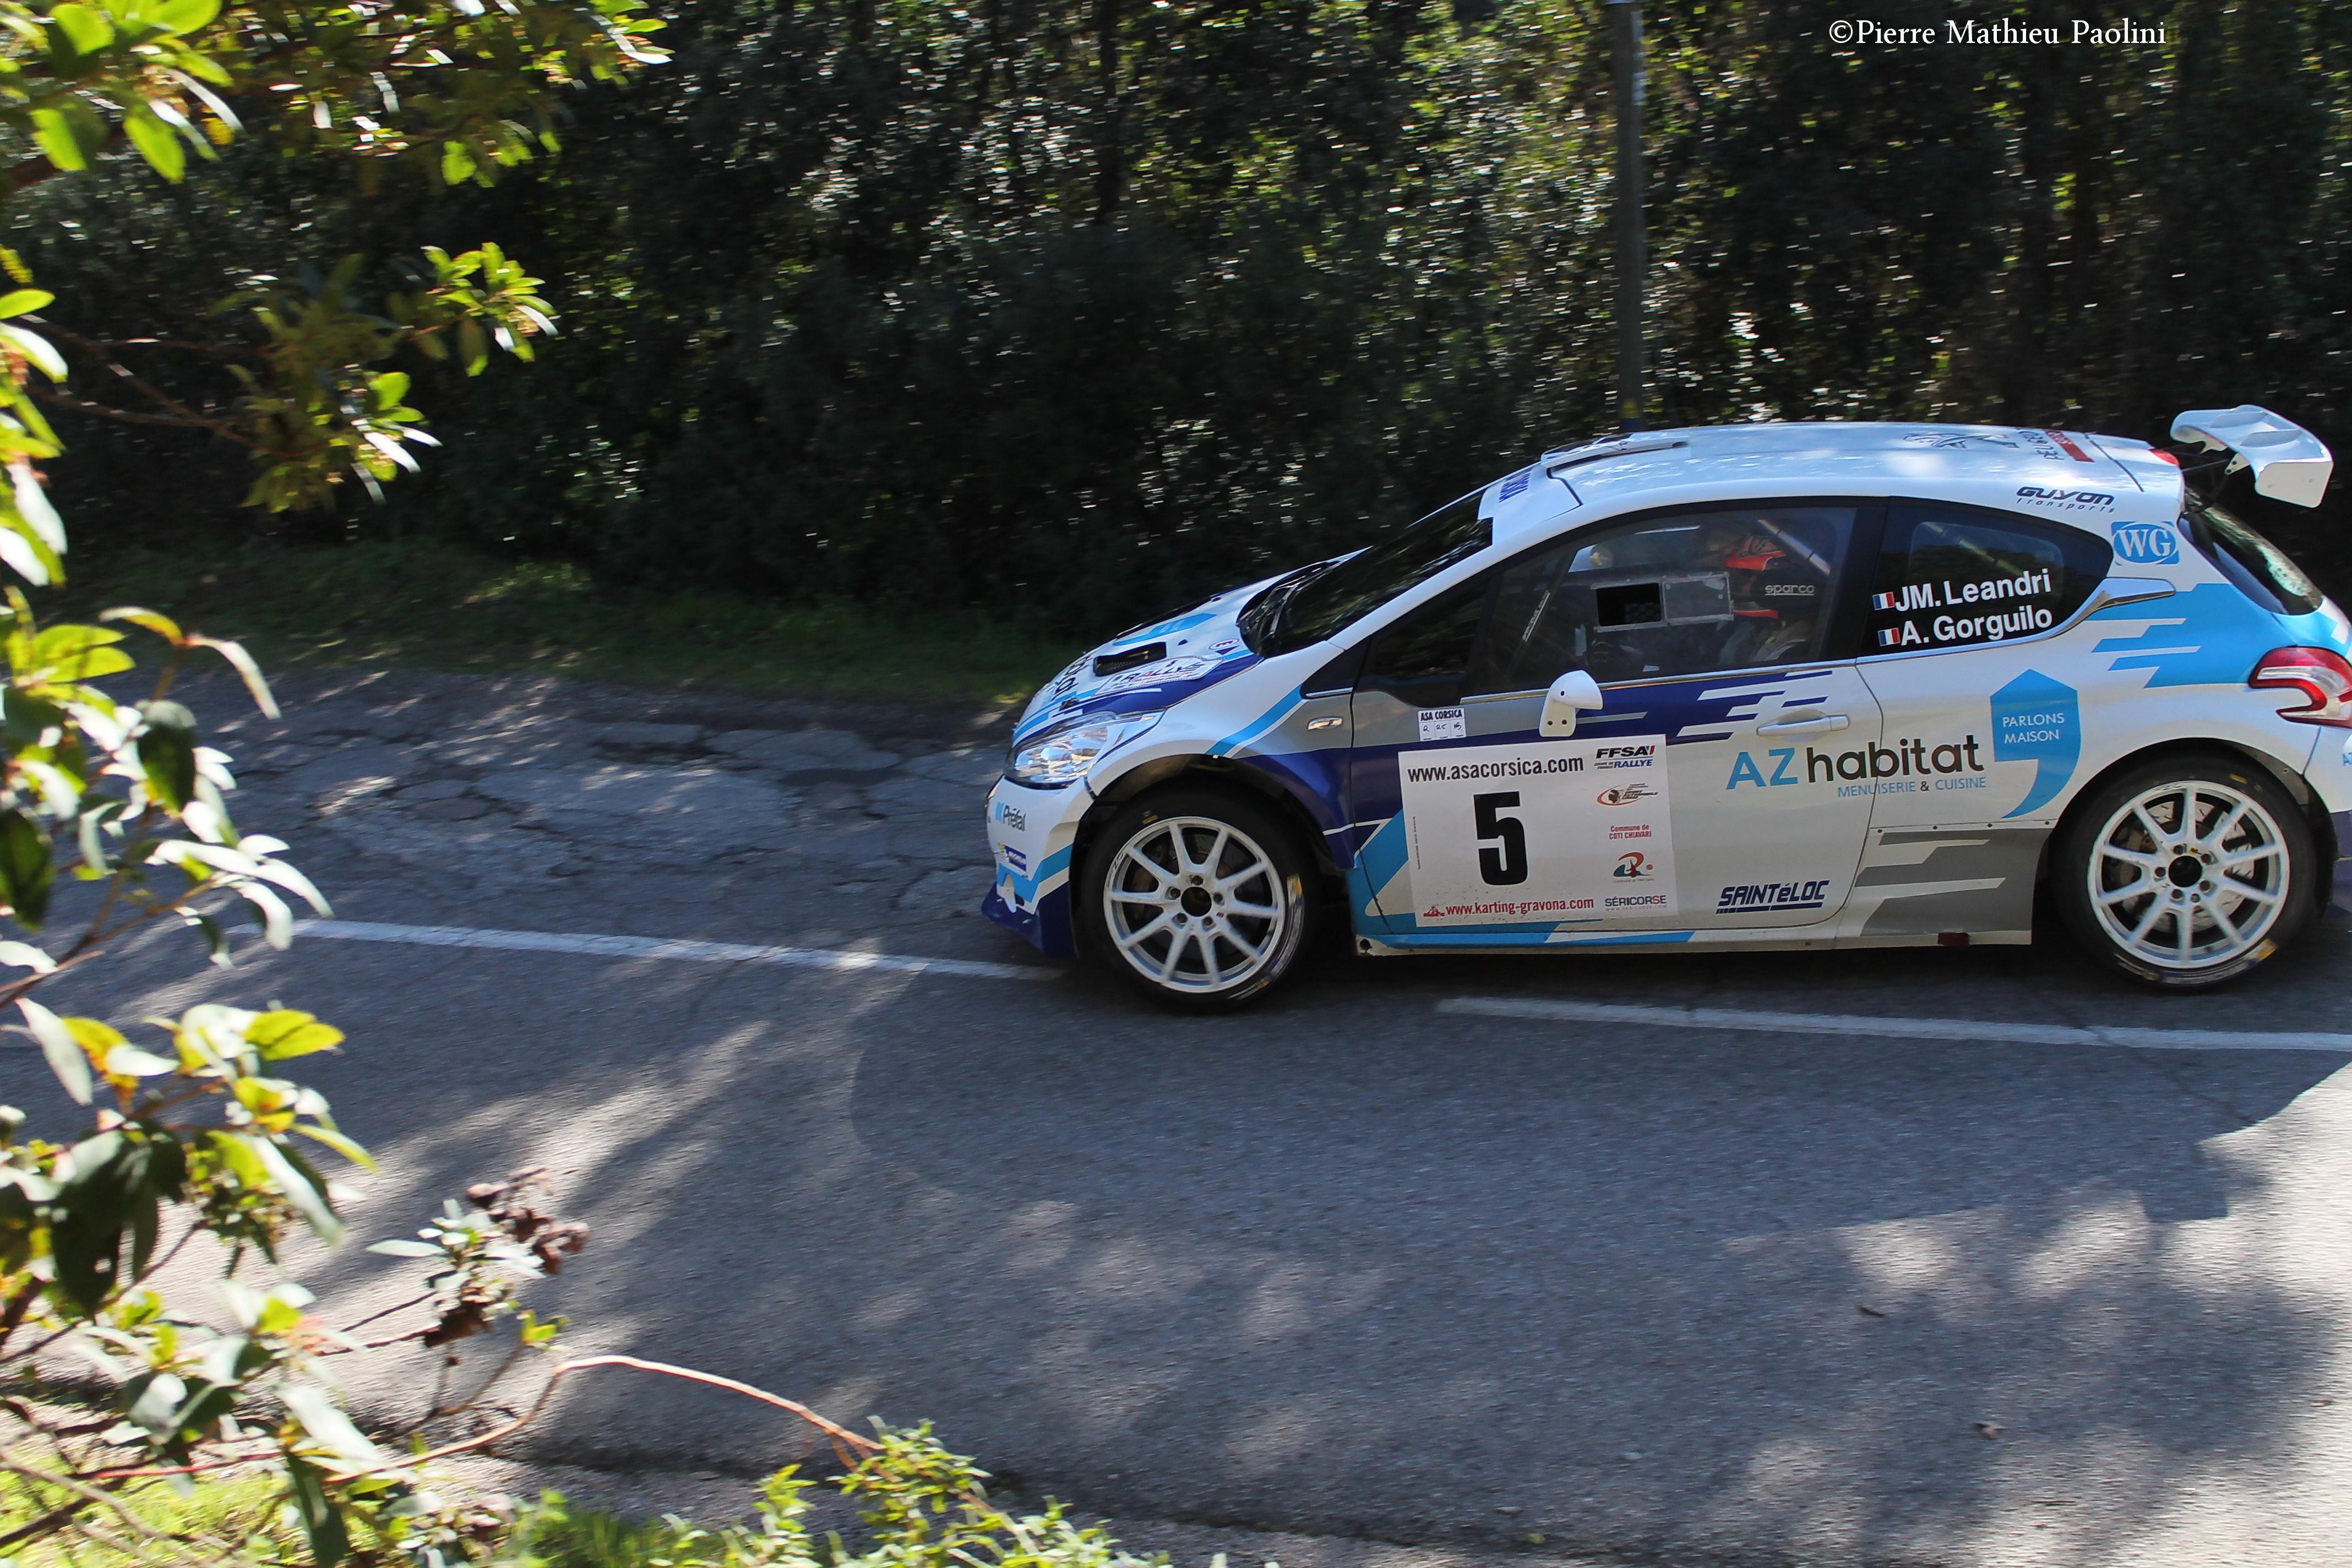 4e Rallye Paese d'Aiacciu : Santoni-Leandri-Andreucci flirtent avec le podium